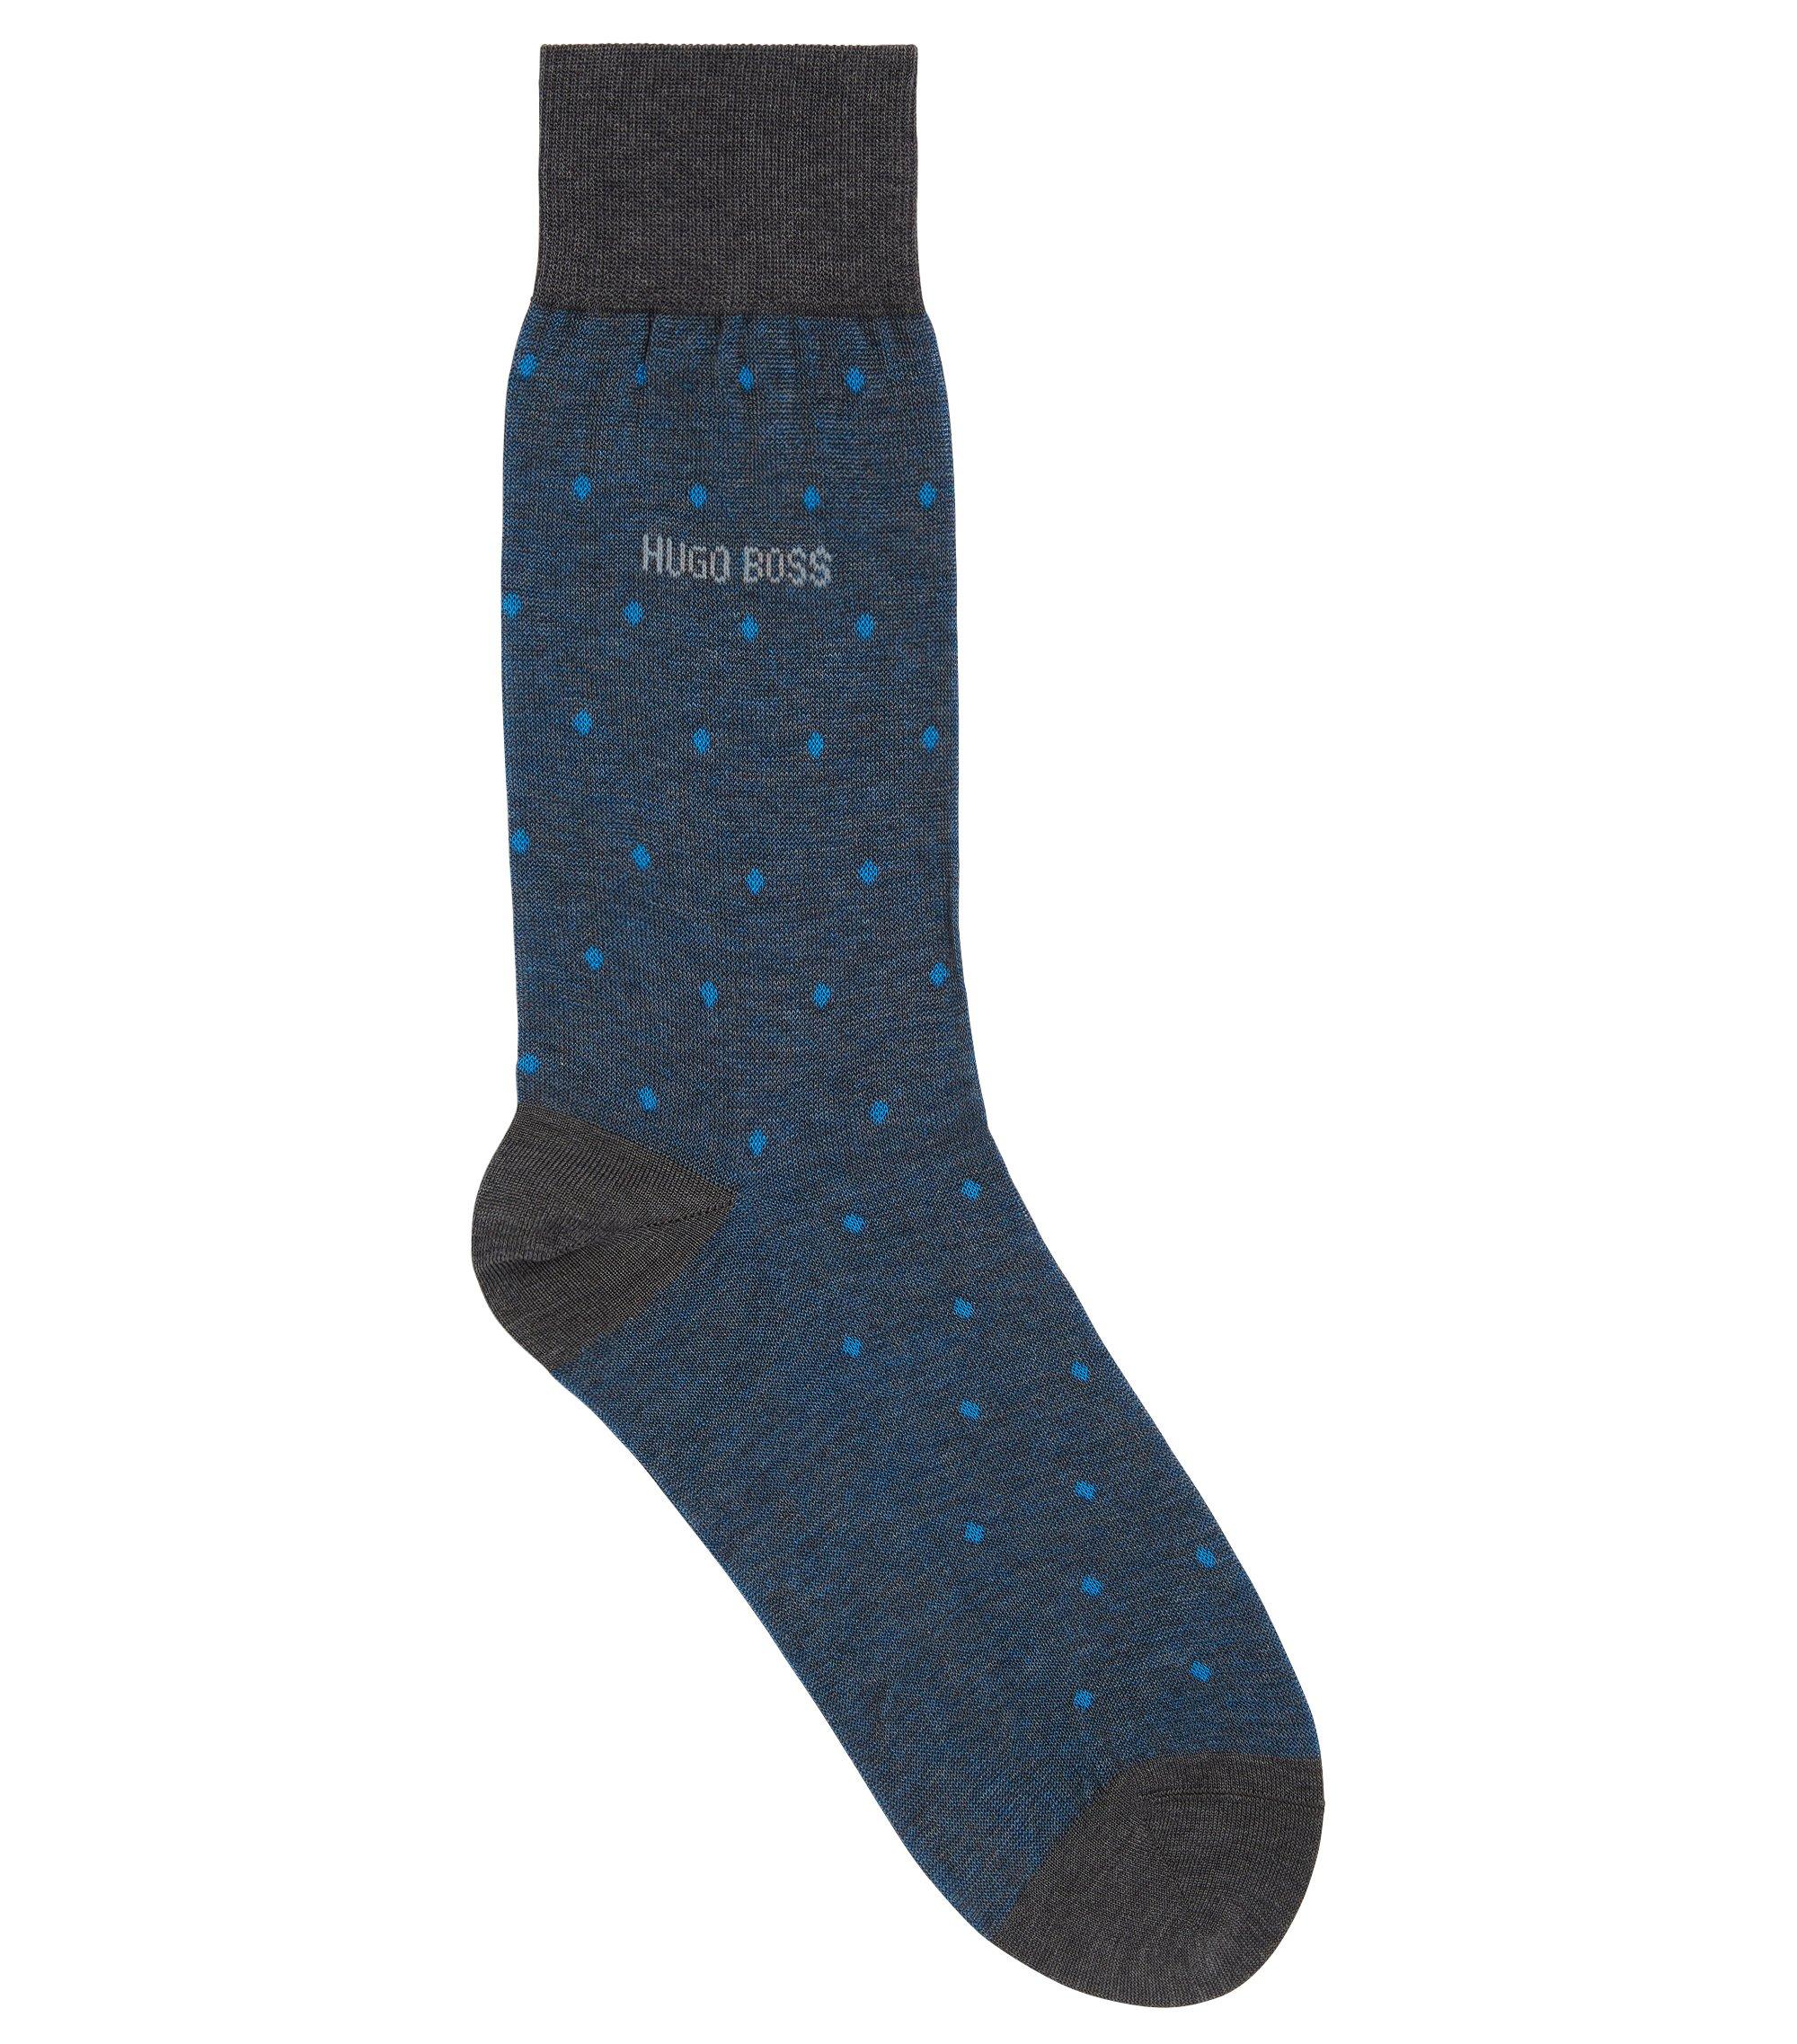 Calcetines de fantasía con lunares en algodón mercerizado, Azul